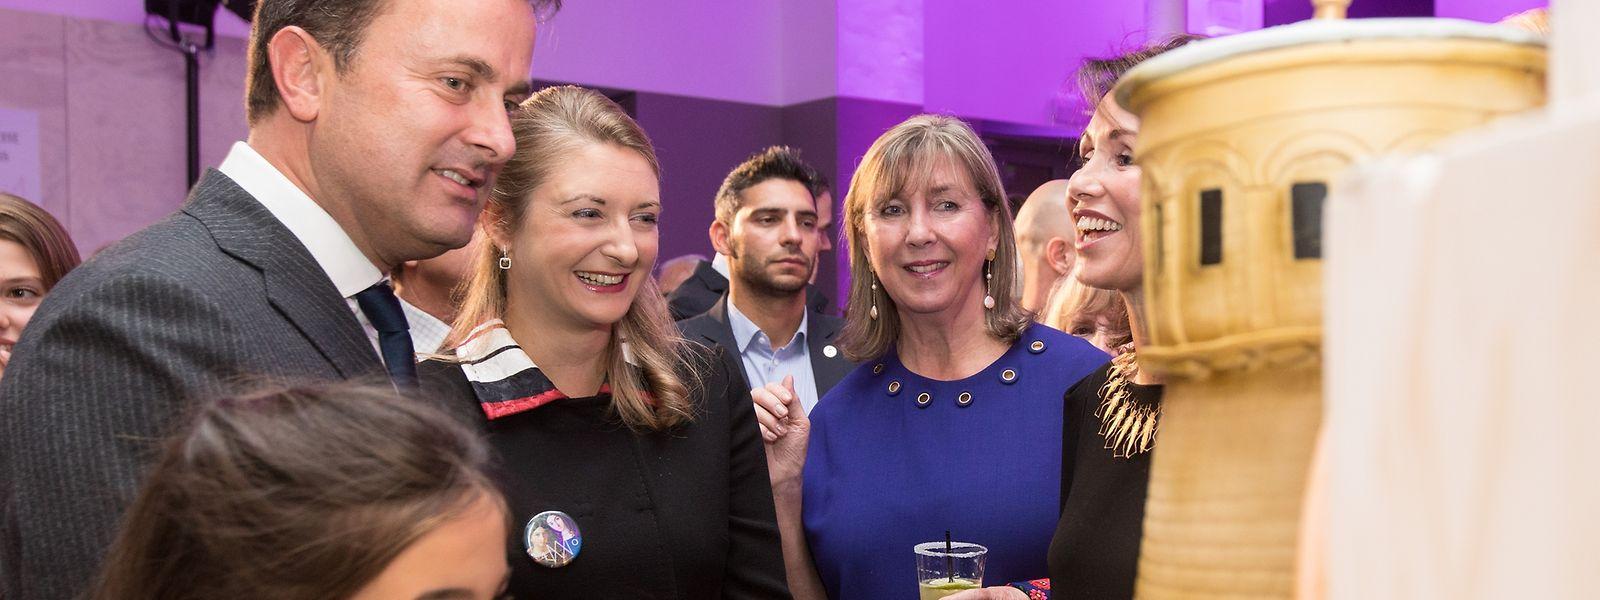 Premier- und Kulturminister Xavier Bettel, Erbgroßherzogin Stephanie, Stadtbürgermeisterin Lydie Polfer und Präsidentin Florence Reckinger bewundern die Geburtstagstorte.